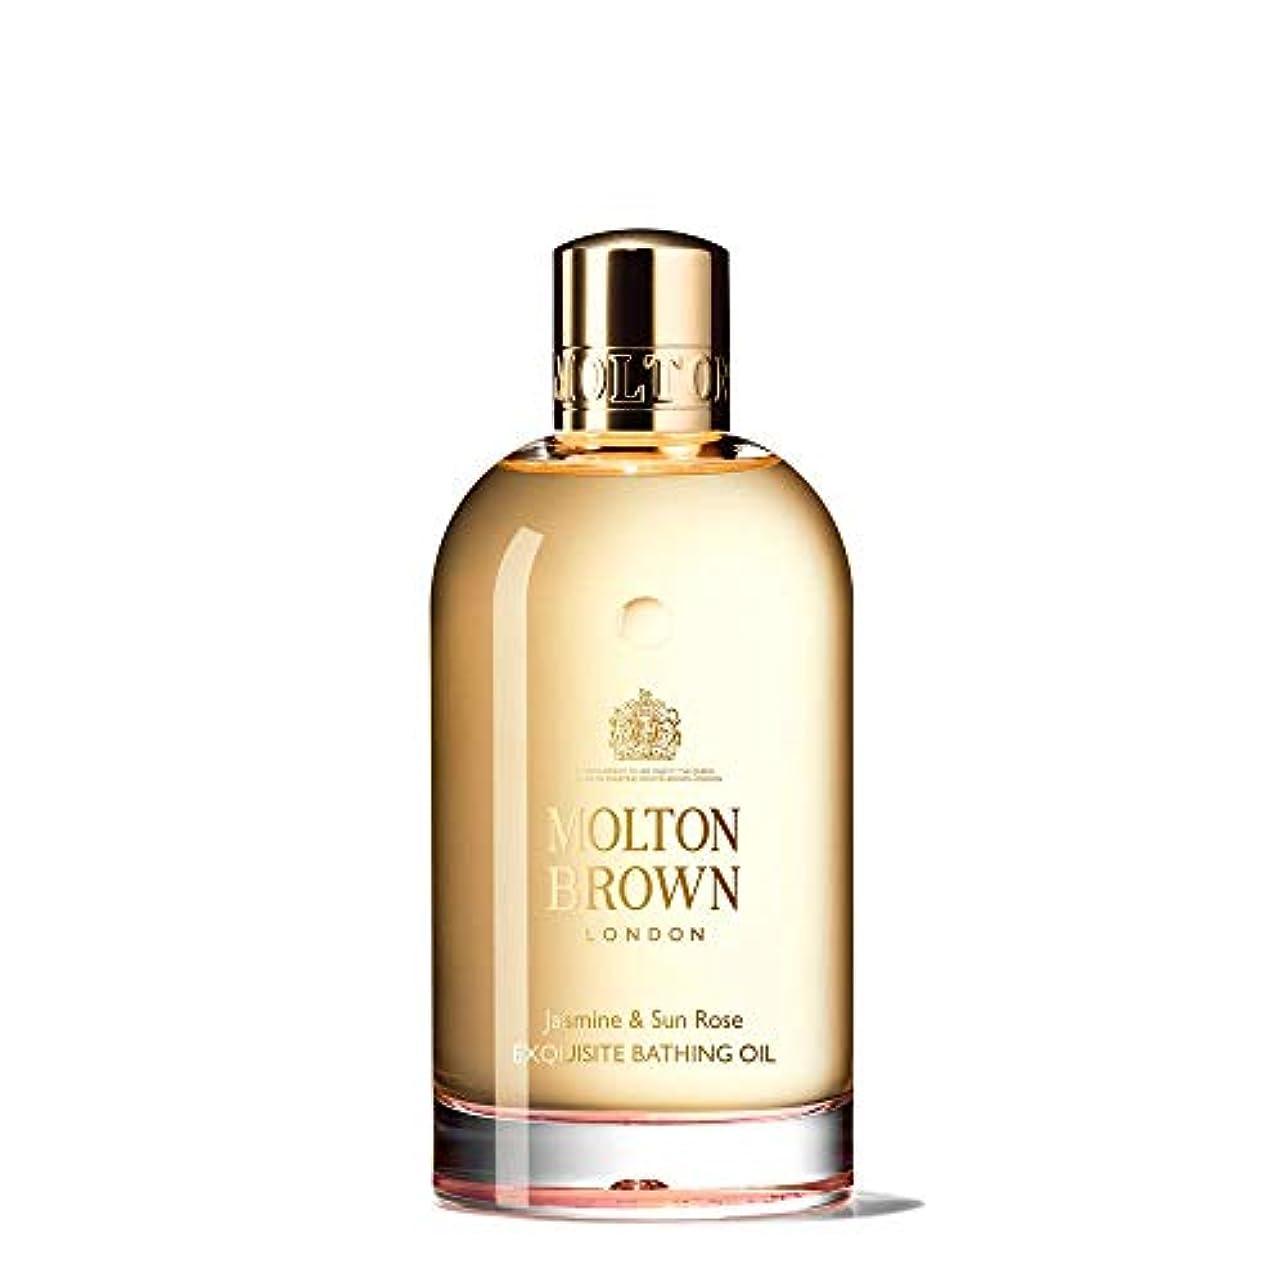 MOLTON BROWN(モルトンブラウン) ジャスミン&サンローズ コレクション J&SR ベージングオイル